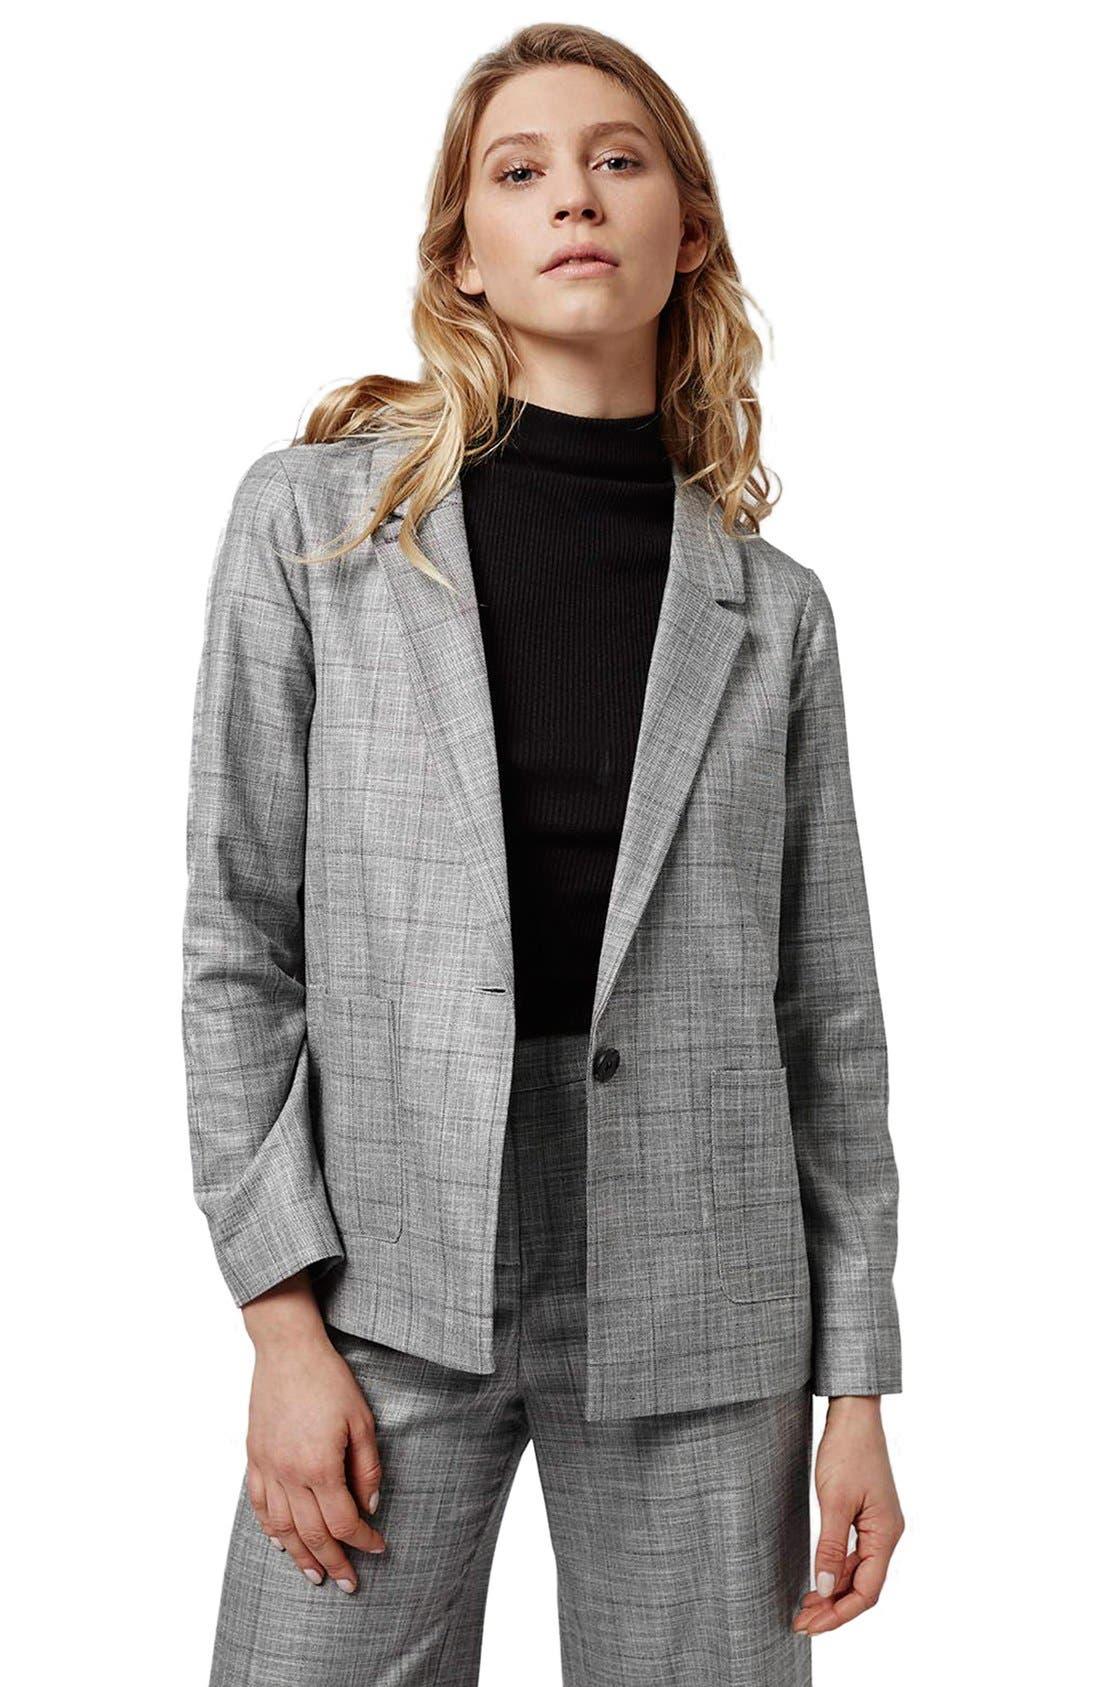 TOPSHOP,                             'Check Tonic' One-Button Suit Blazer,                             Alternate thumbnail 2, color,                             020